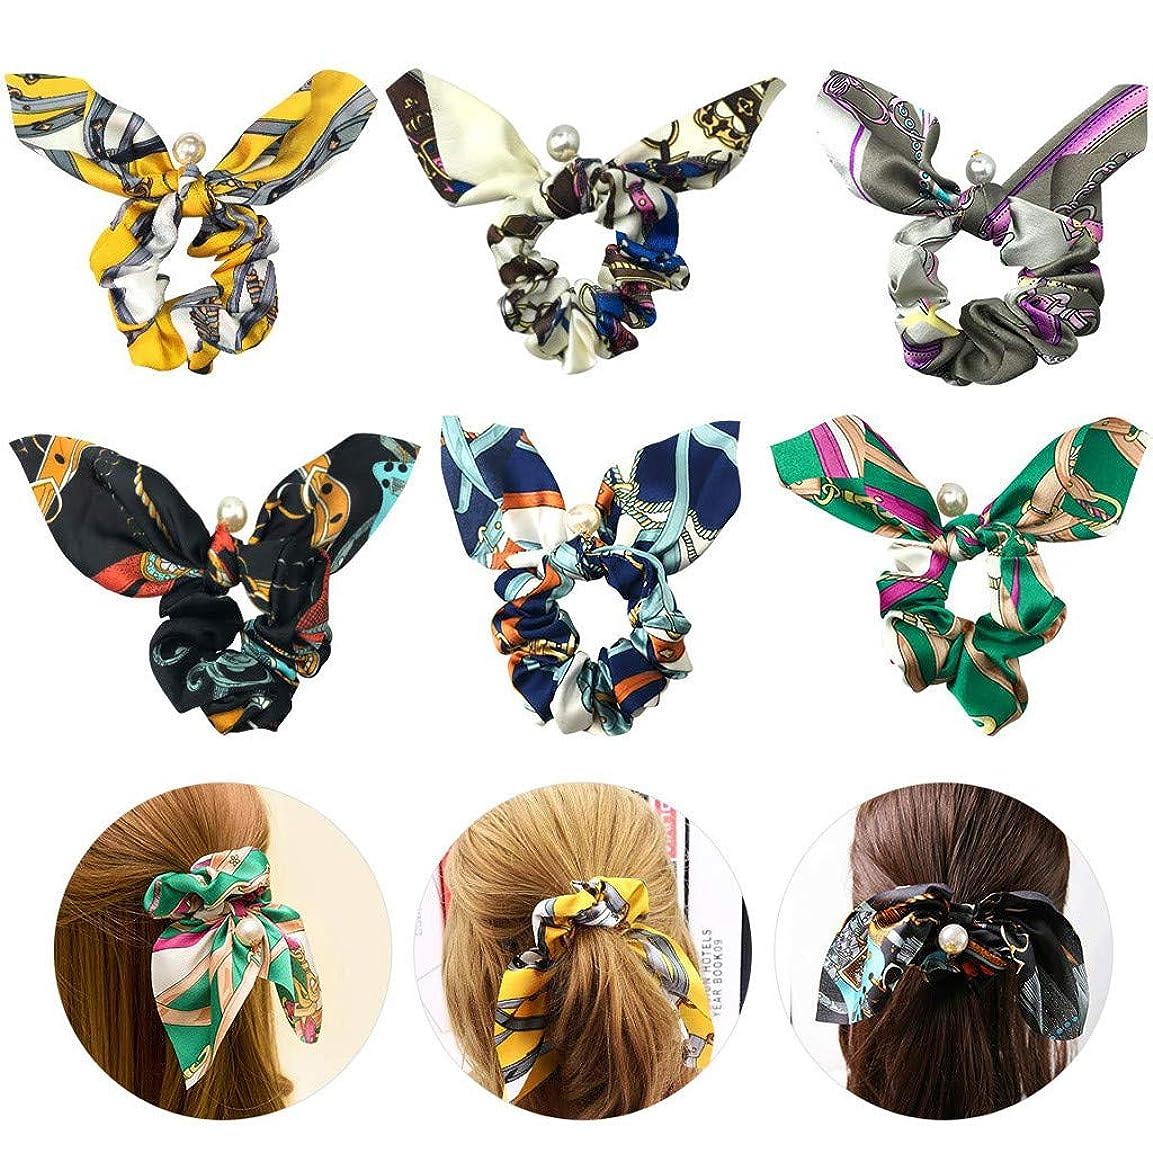 大量固有の許す6個ヘアバンド ヘアバンドヘアバンド弾性ヘアバンド蝶ネクタイパールエレガントな美しい髪の弓 (多色)